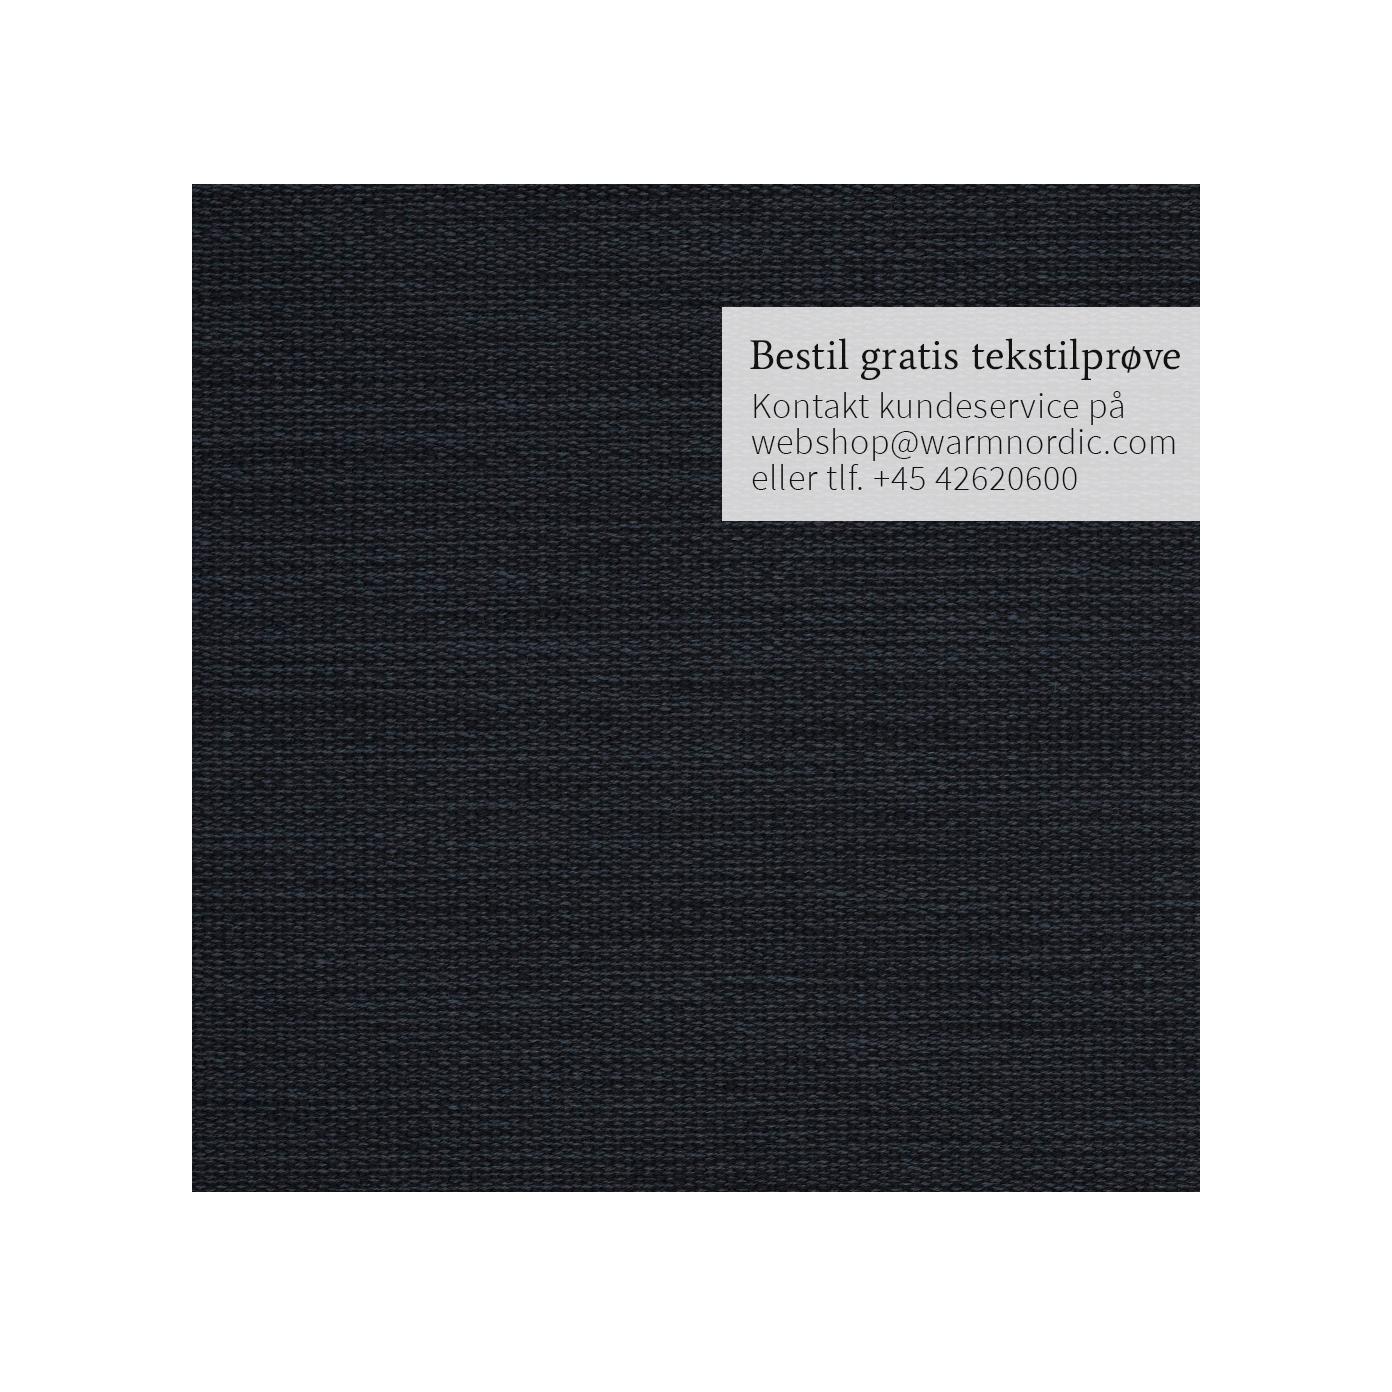 warmnordic tekstil granitegrey 696x696